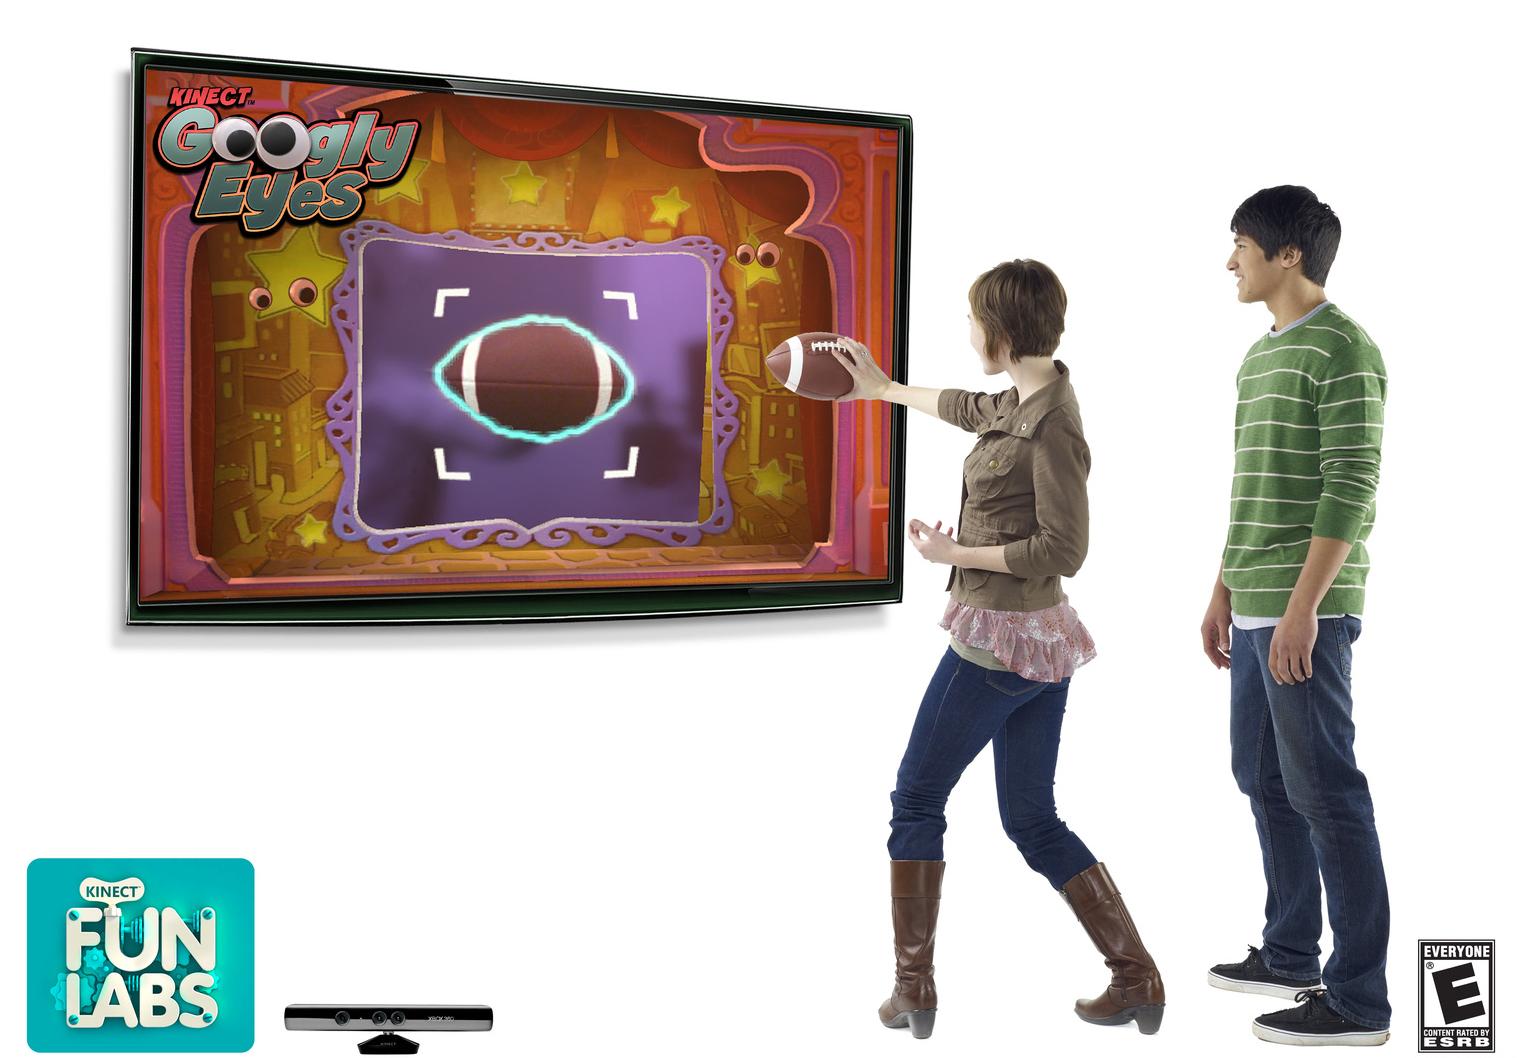 KinectFunLabs 360 Div 006